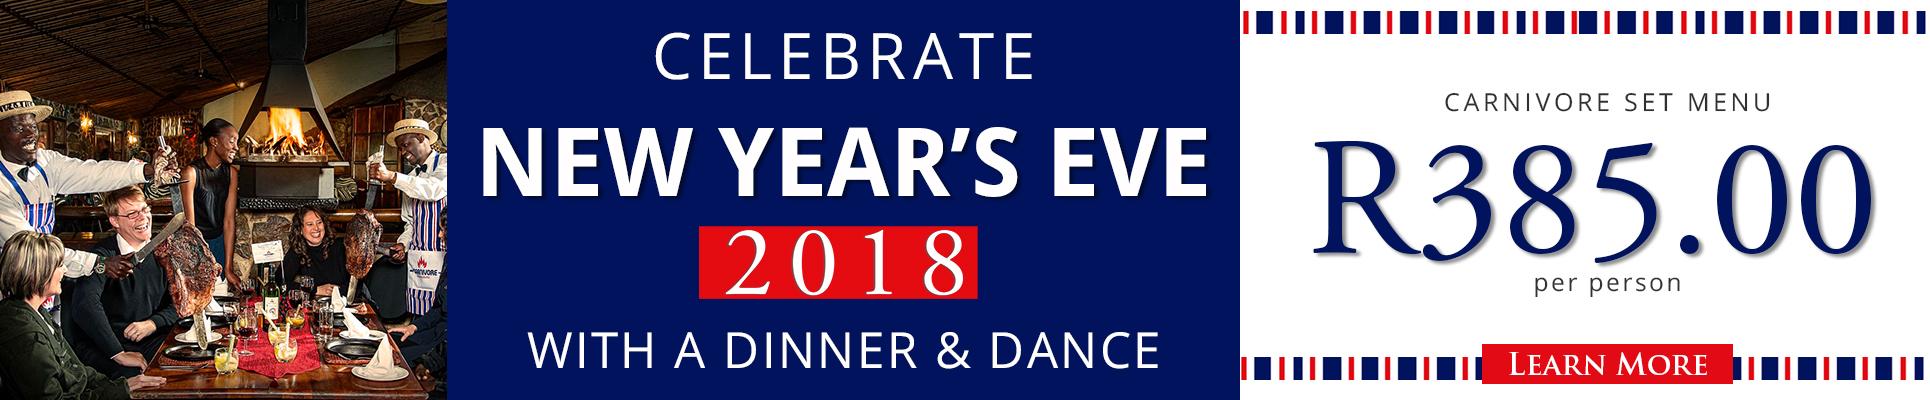 Carnivore Restaurant New Years Eve Dinner and Dance, Muldersdrift restaurants